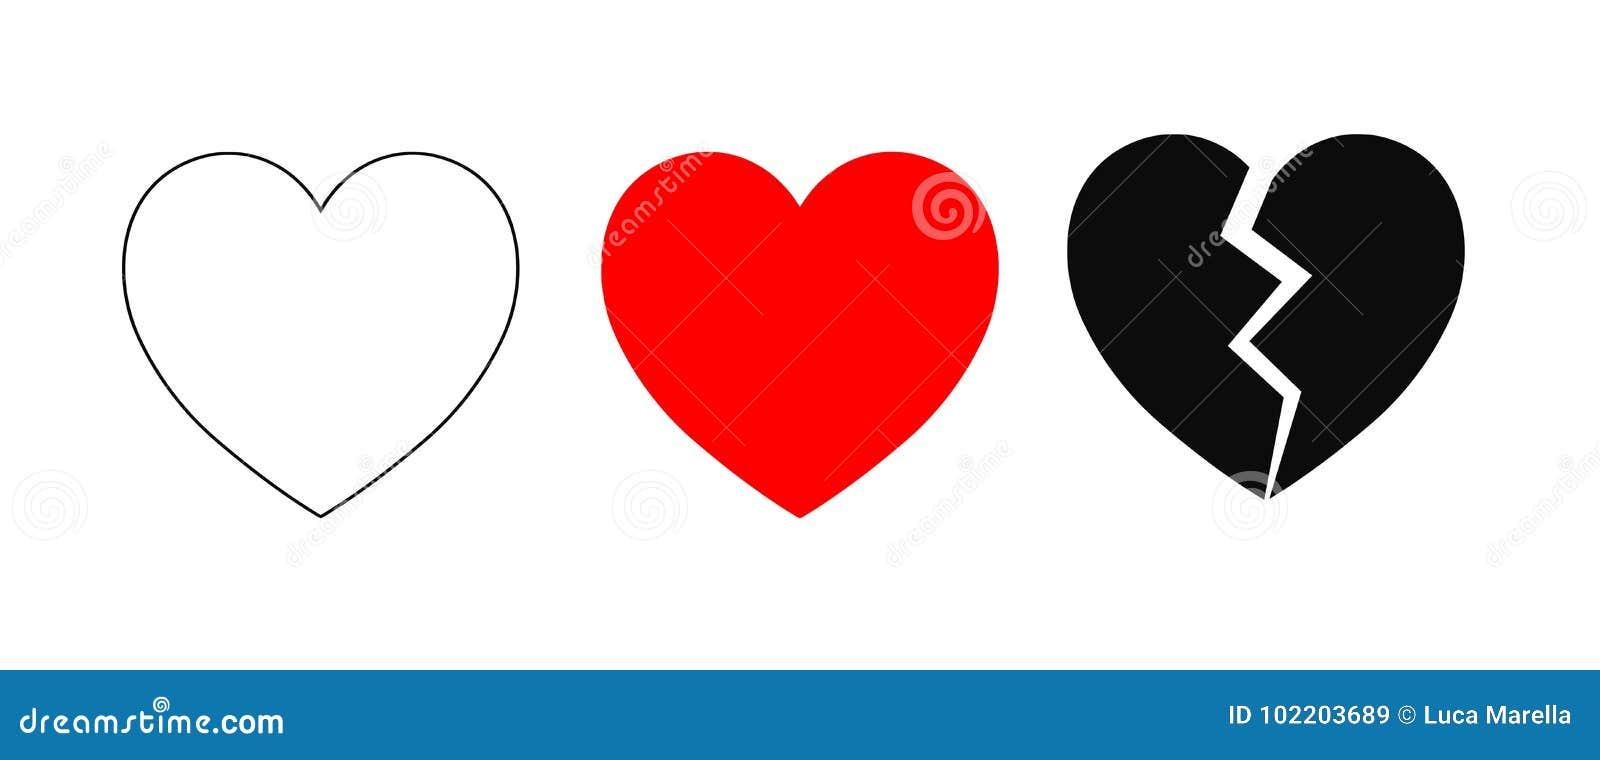 De Pictogrammen van het hart